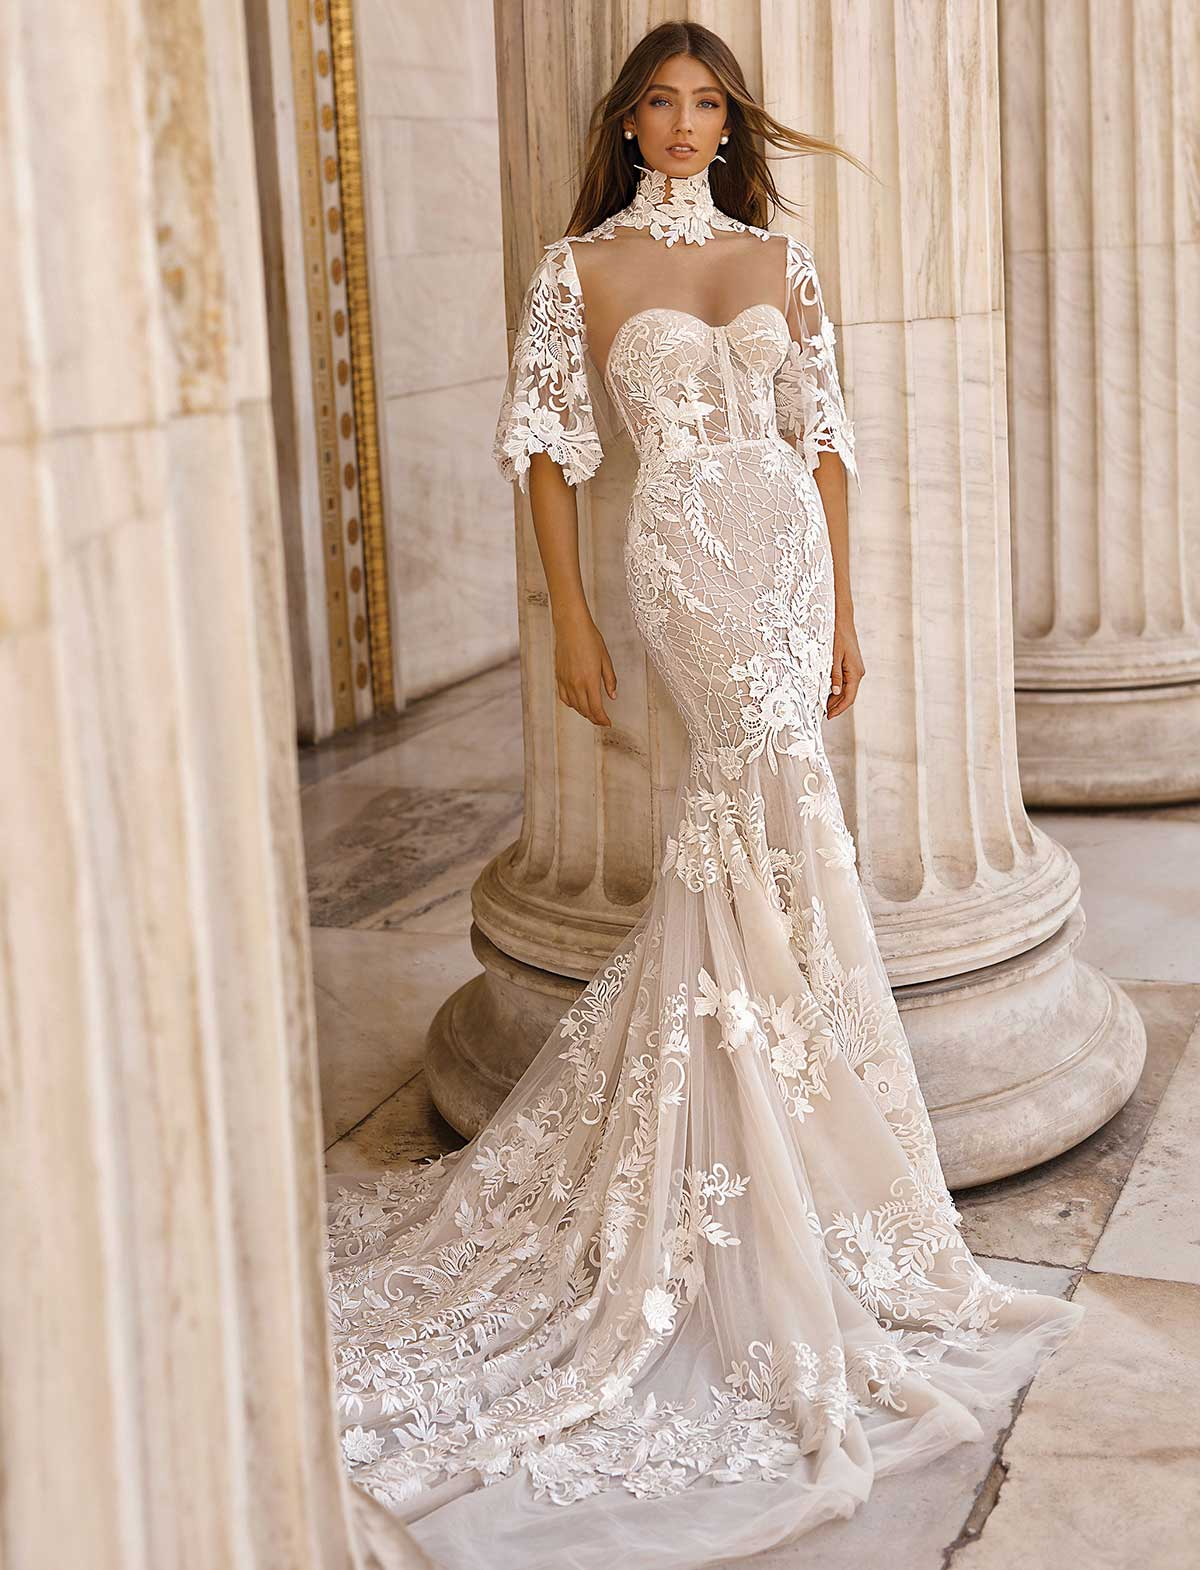 Berta Bridal 19-103 Abito Sposa